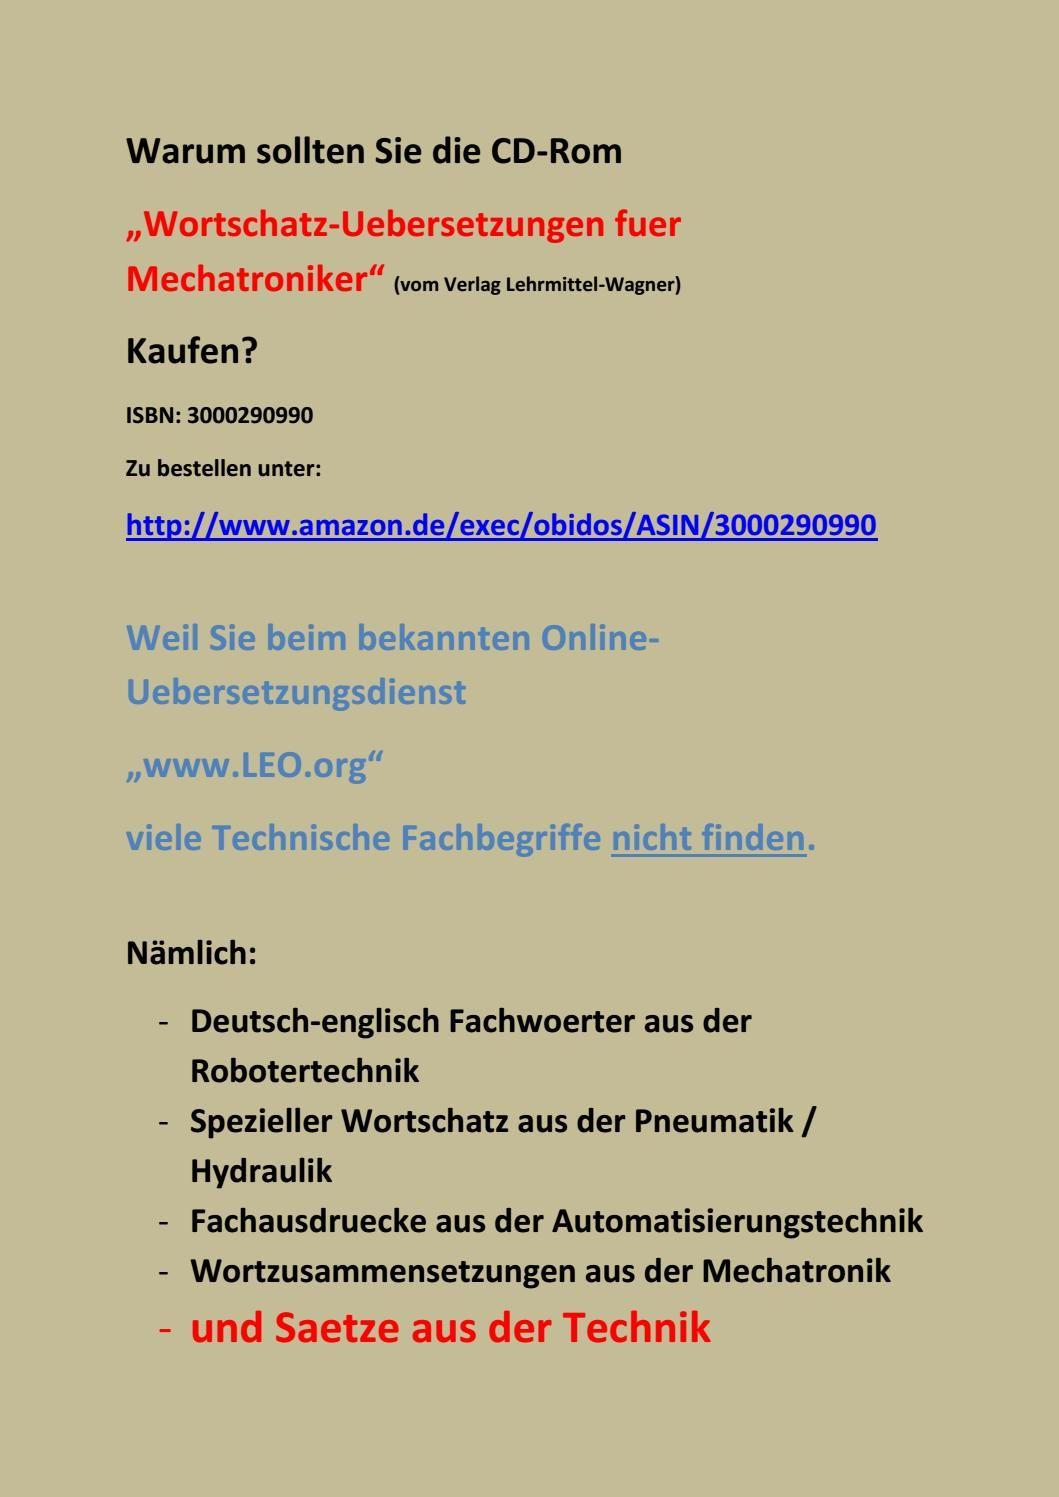 Deutsch Englisch Uebersetzung Test Technisches Woerterbuch Worterbuch Automatisierungstechnik Lehrmittel